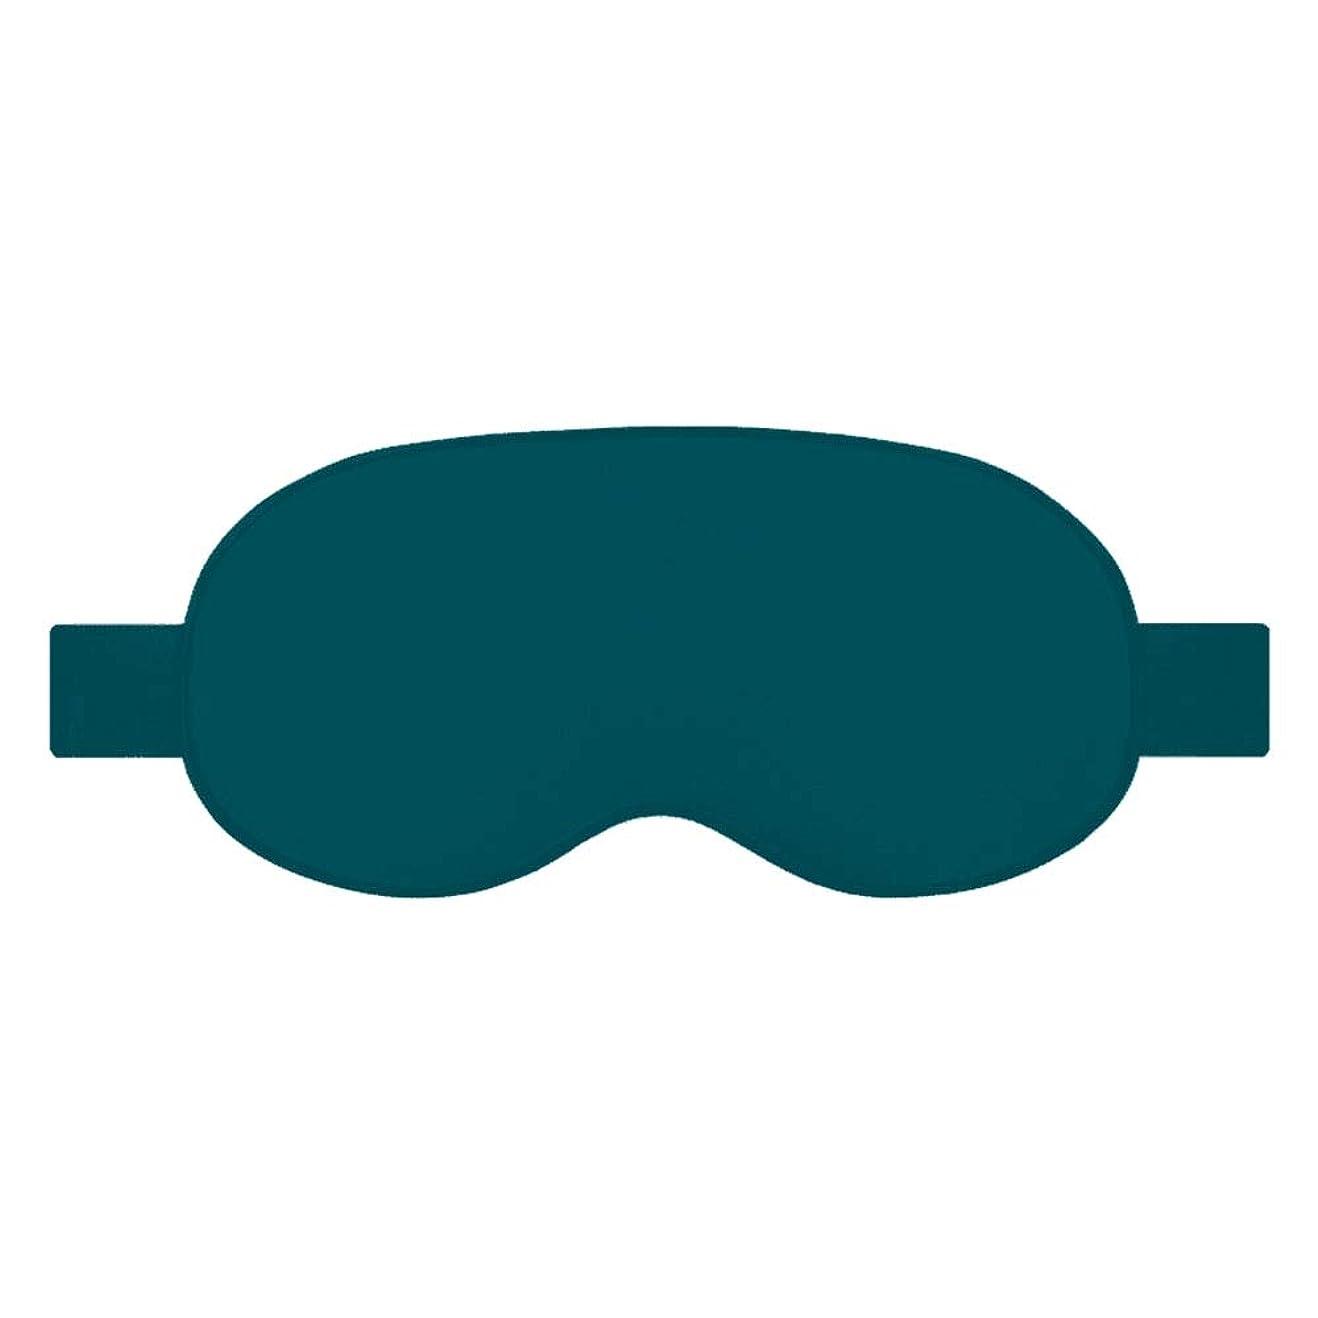 佐賀宝バーNOTE PMA E10ヒーティングアイマスクグラフェンシルクアイドシェードアイマスクアイパッチマスク用旅行休息睡眠緩和疲労防止ストレス